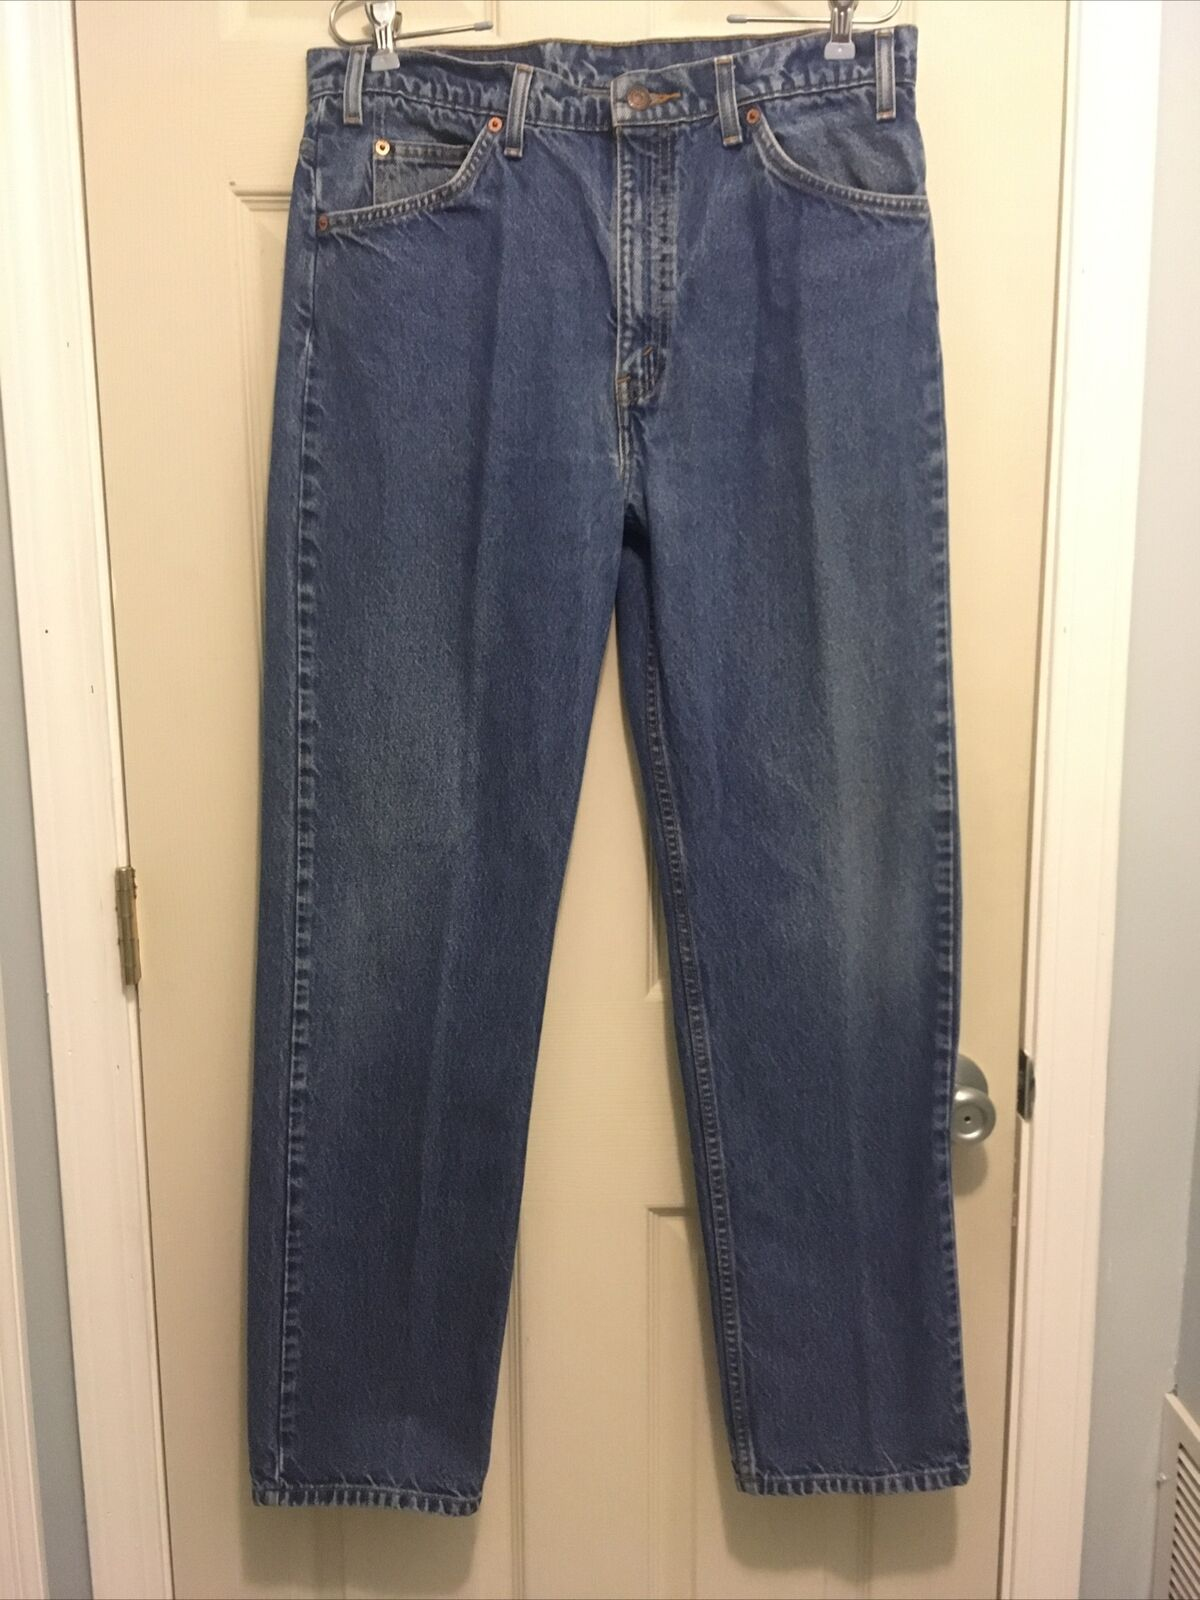 Vintage 1990s Levis 505 Orange Tab Denim Blue Jea… - image 1